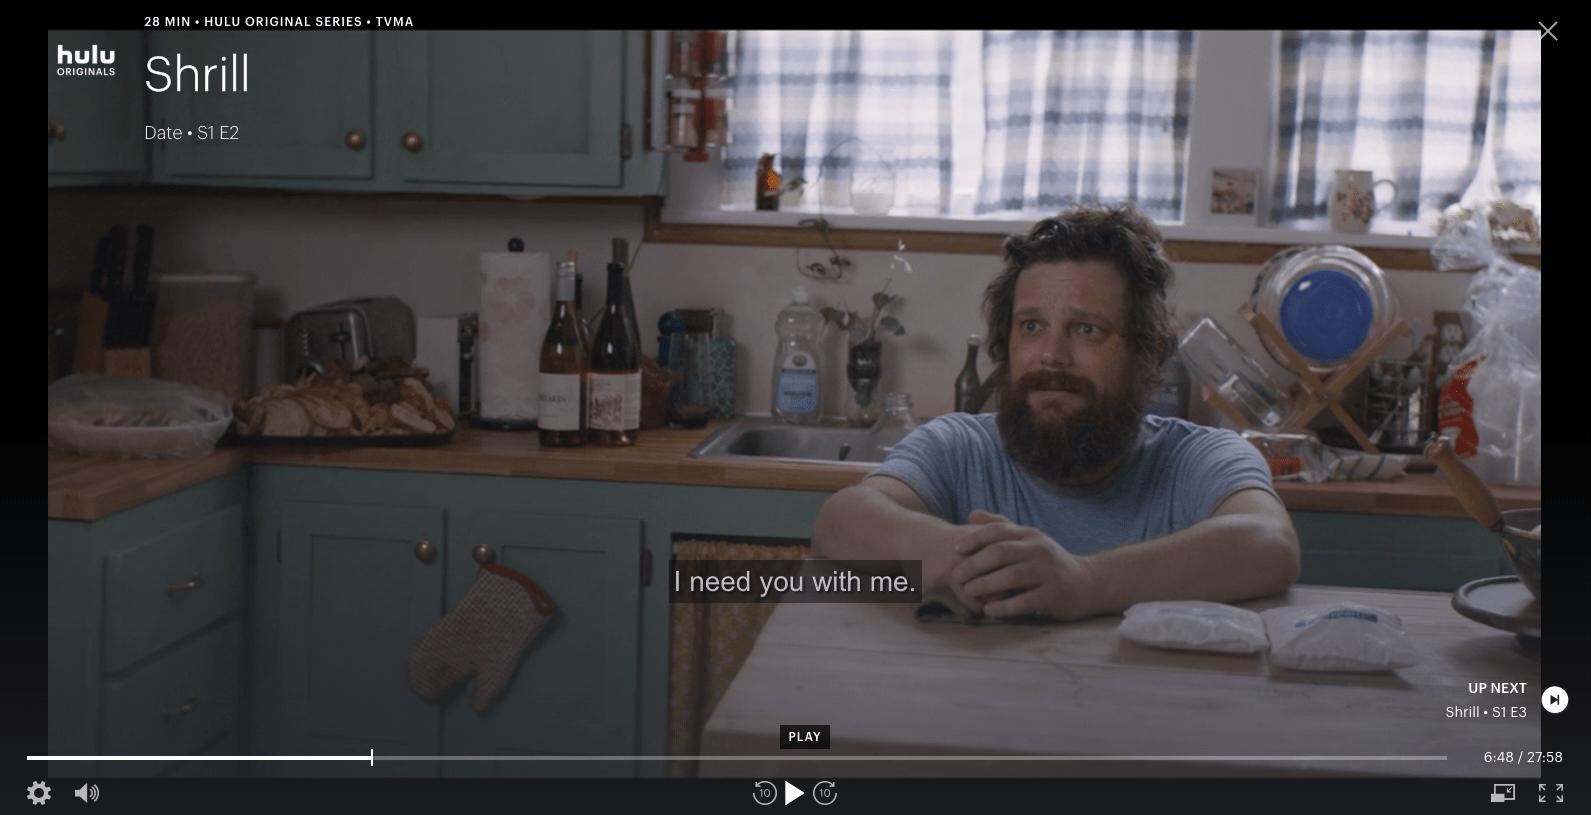 screen-shot-2019-03-20-at-12.19.46.png